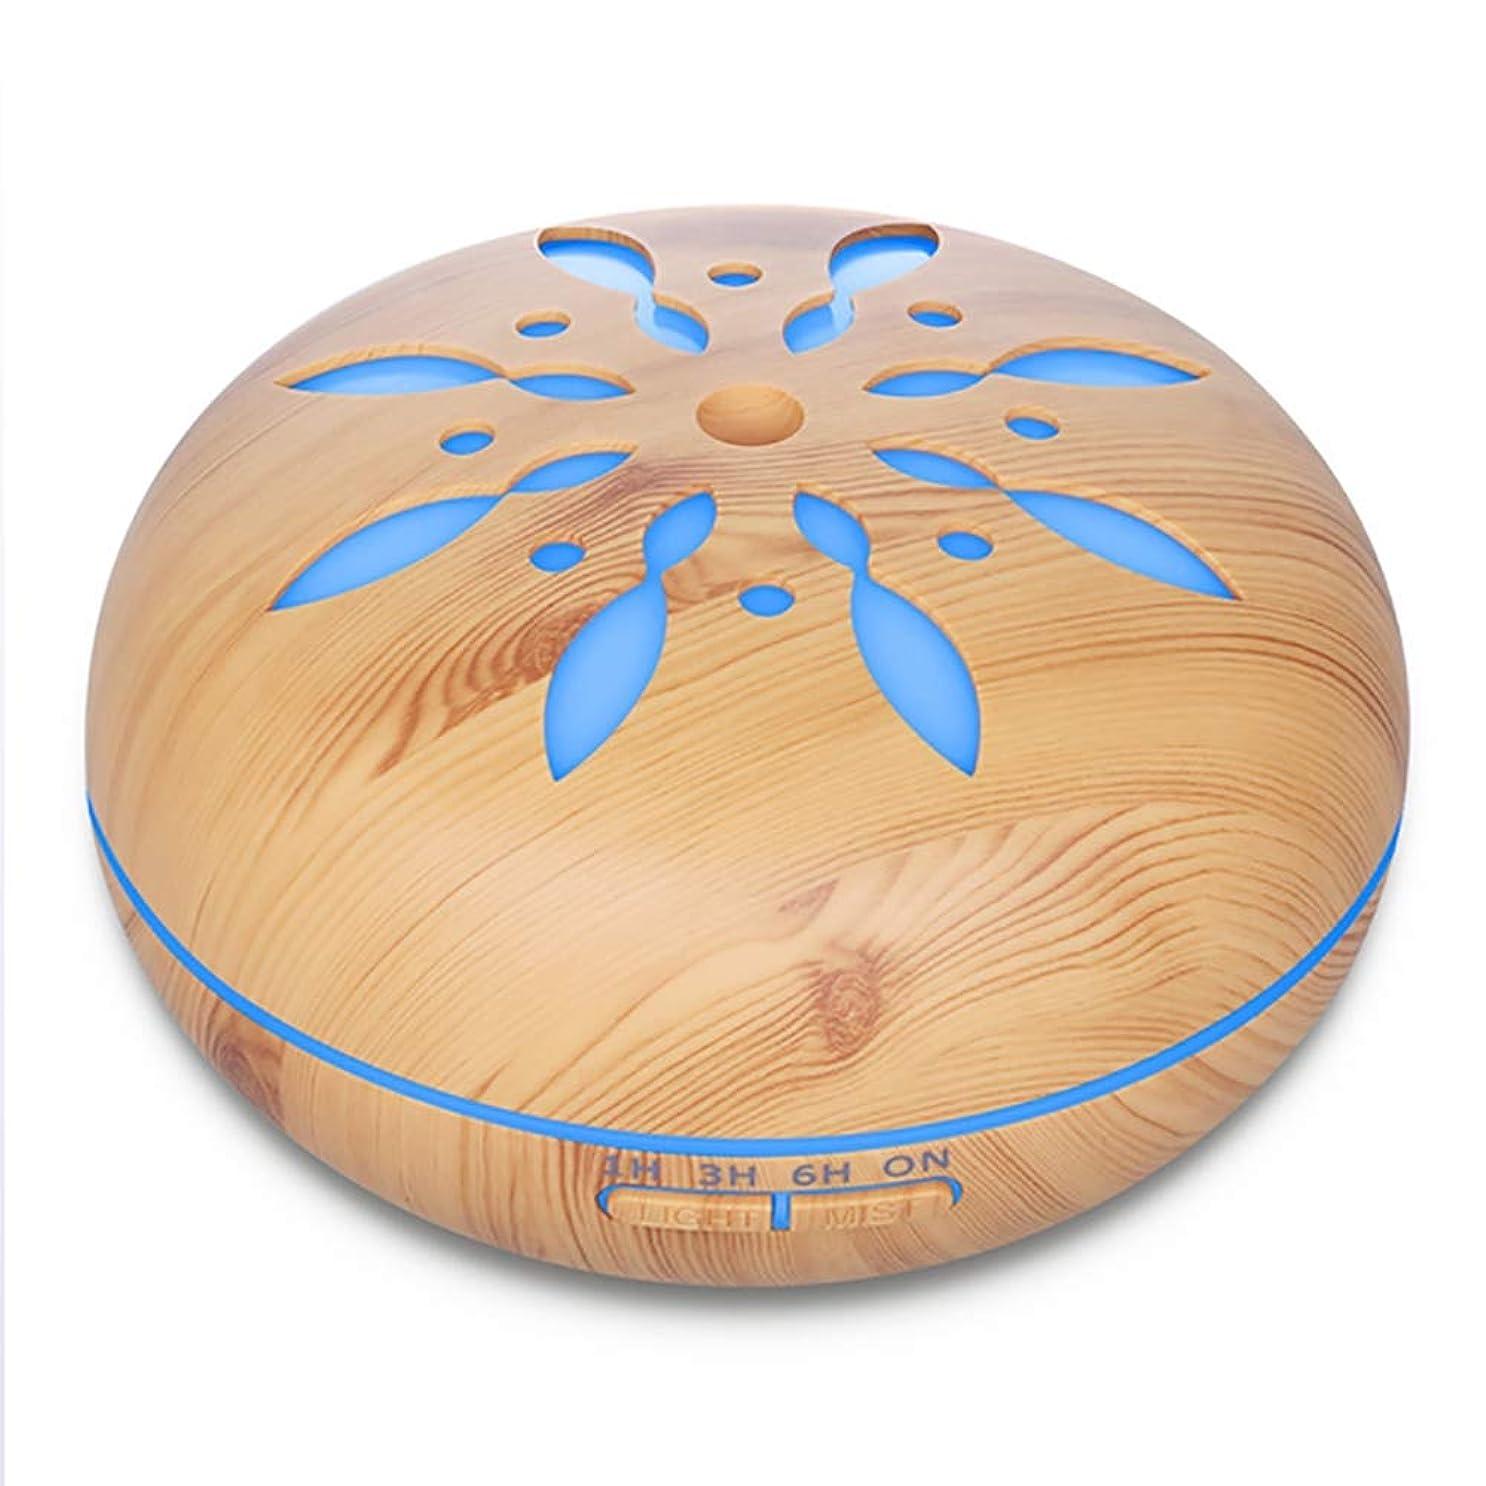 束ねるレビュー代替案アロマセラピー超音波加湿器300ml エッセンシャルオイルディフューザー7色 LED 4 タイマー空気清浄ベビー加湿器ホームオフィスベビーベッドルーム